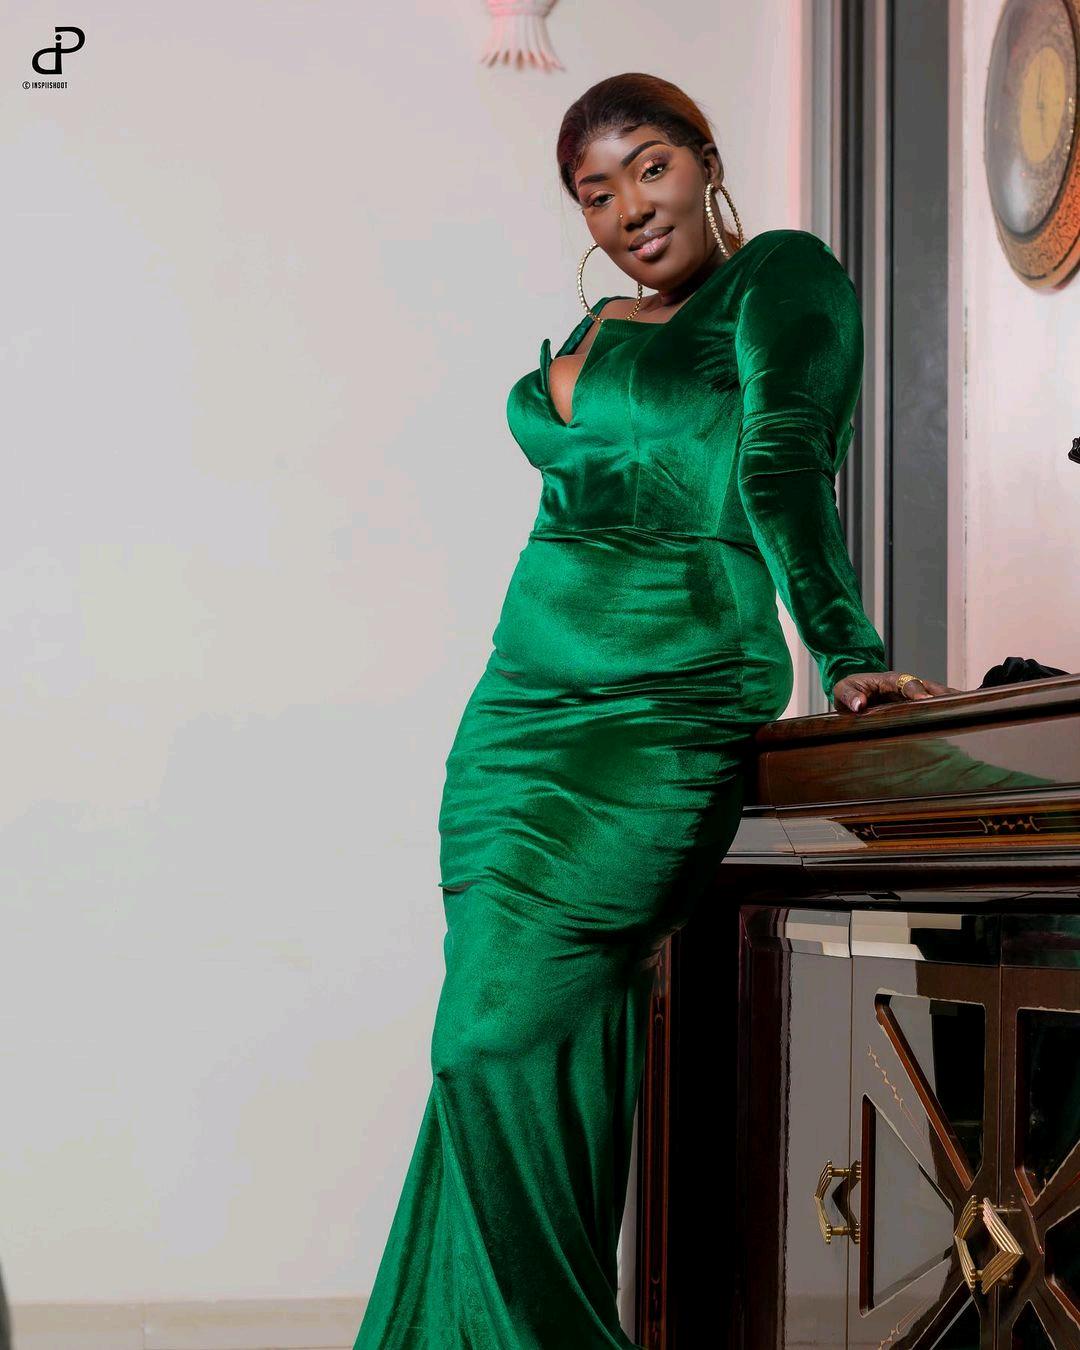 La chanteuse Dior Mbaye très ravissante